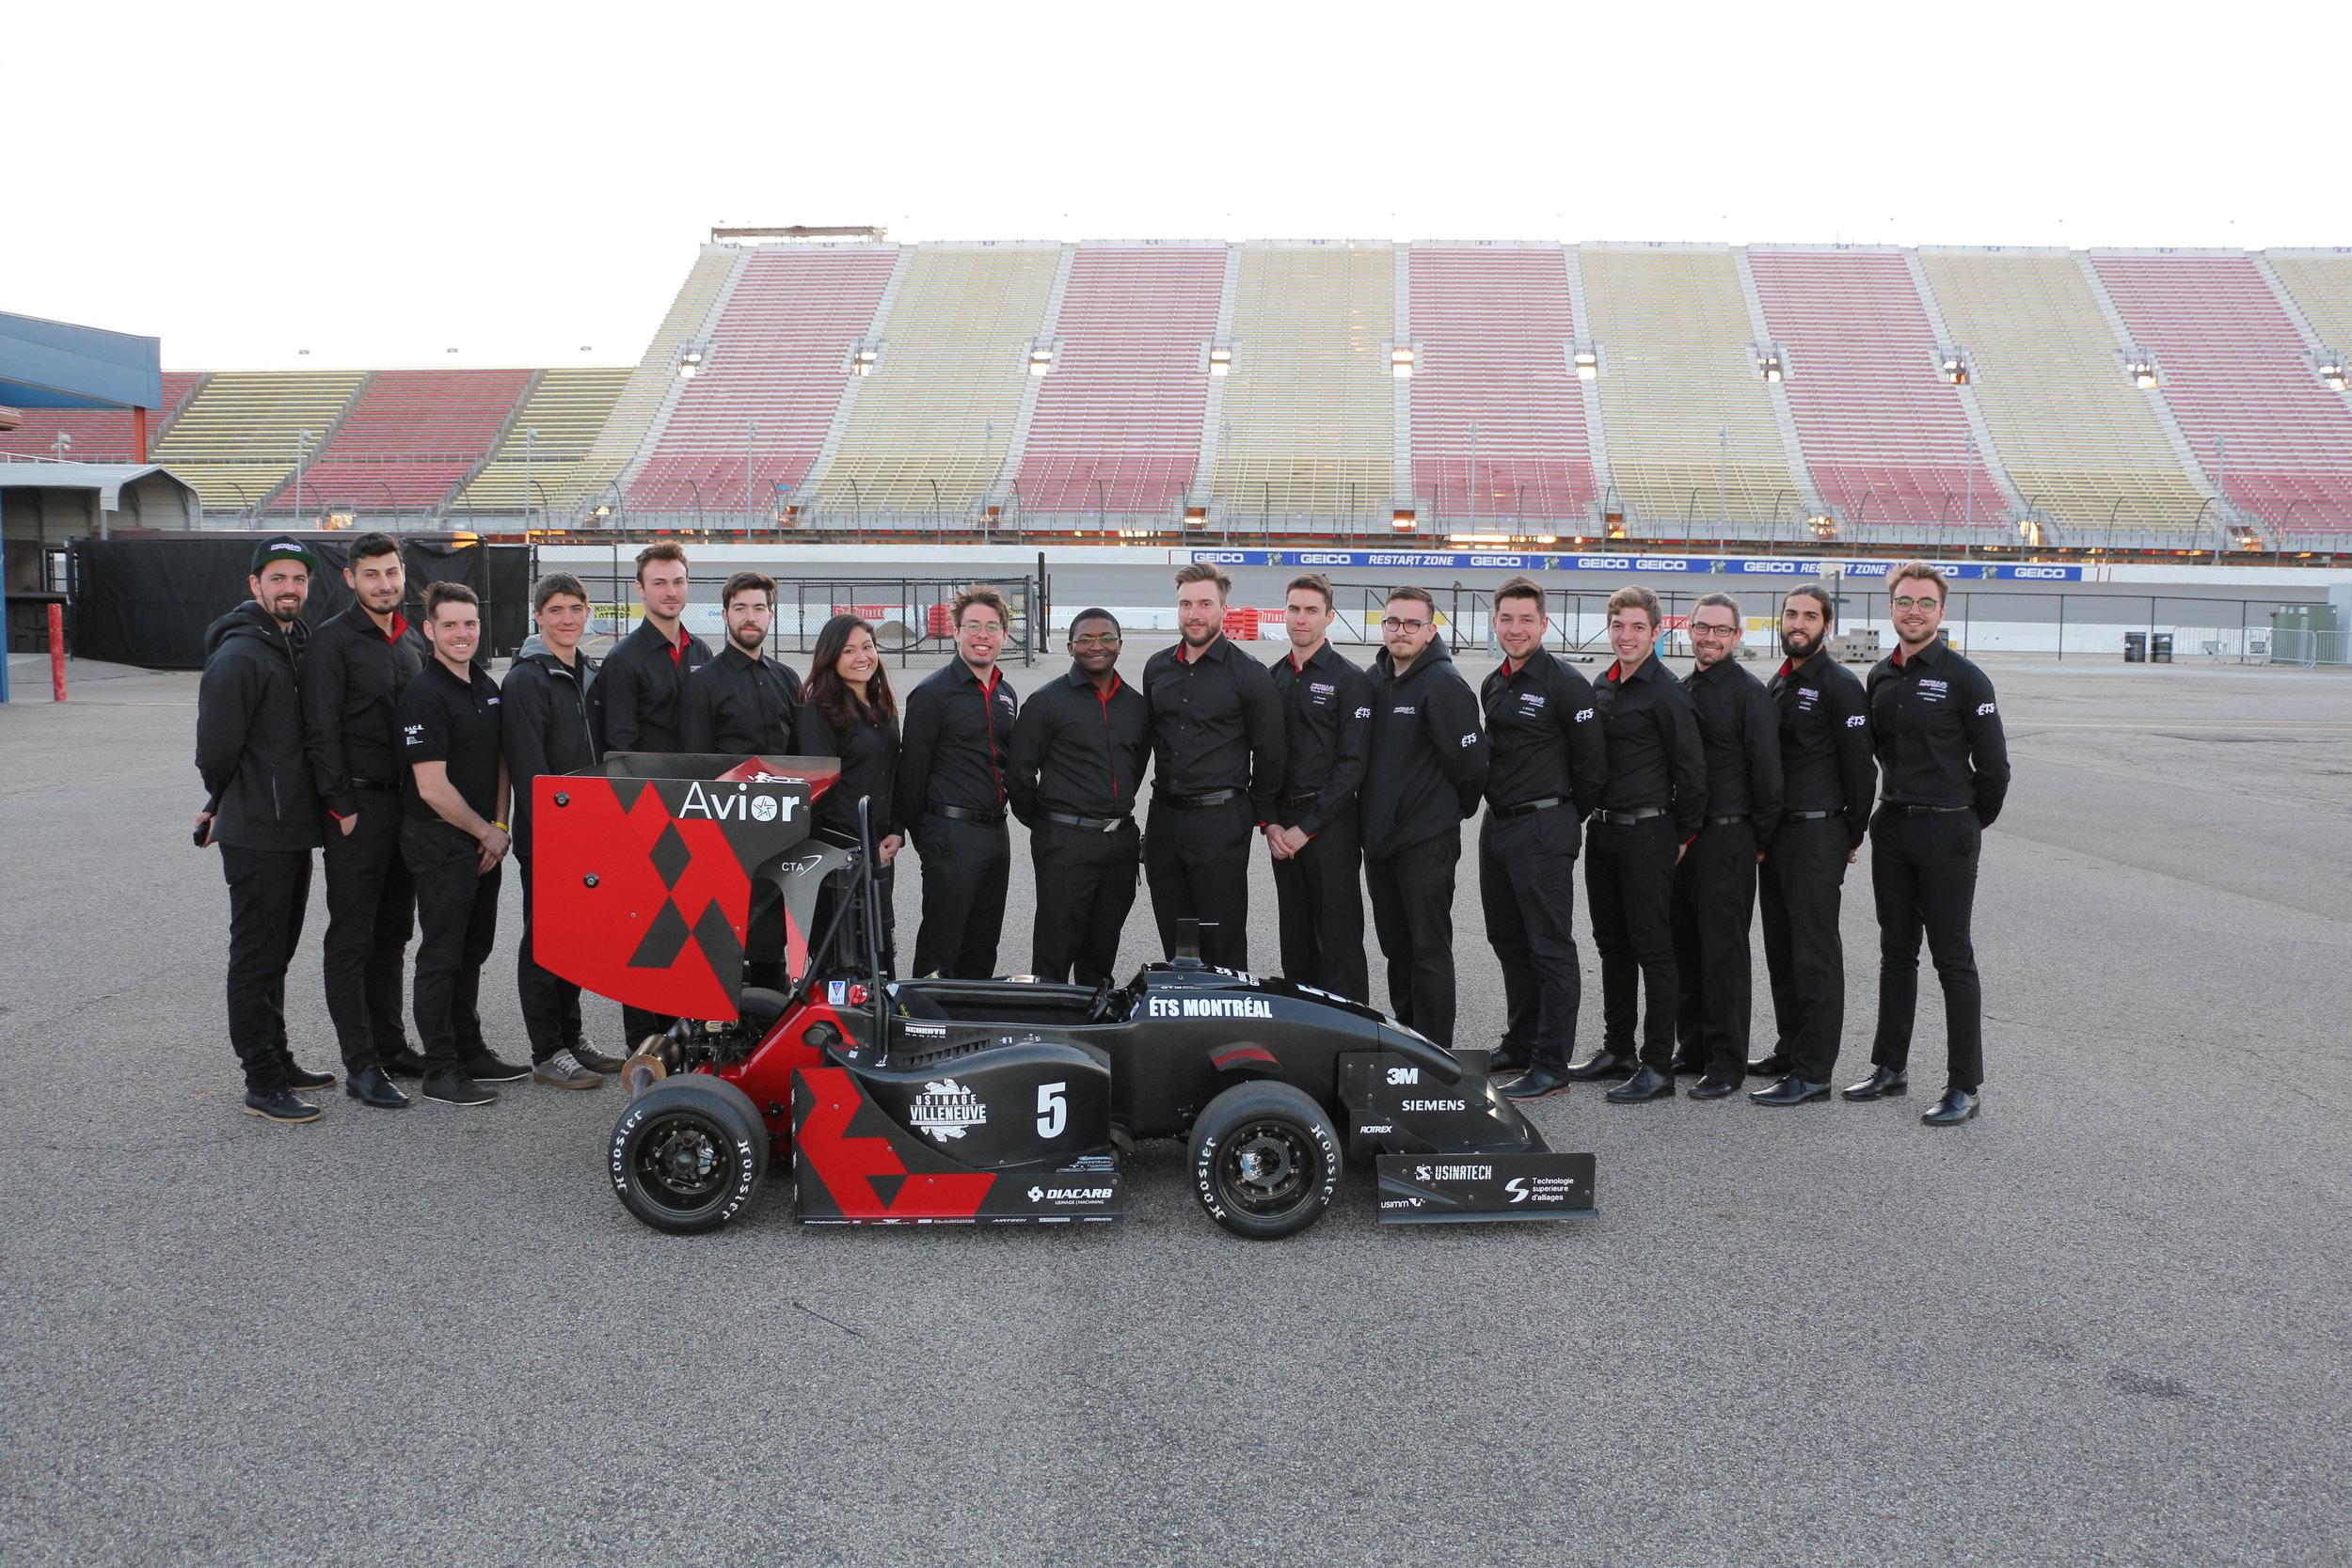 L'équipe en compétition à FSAE-Michigan en 2019